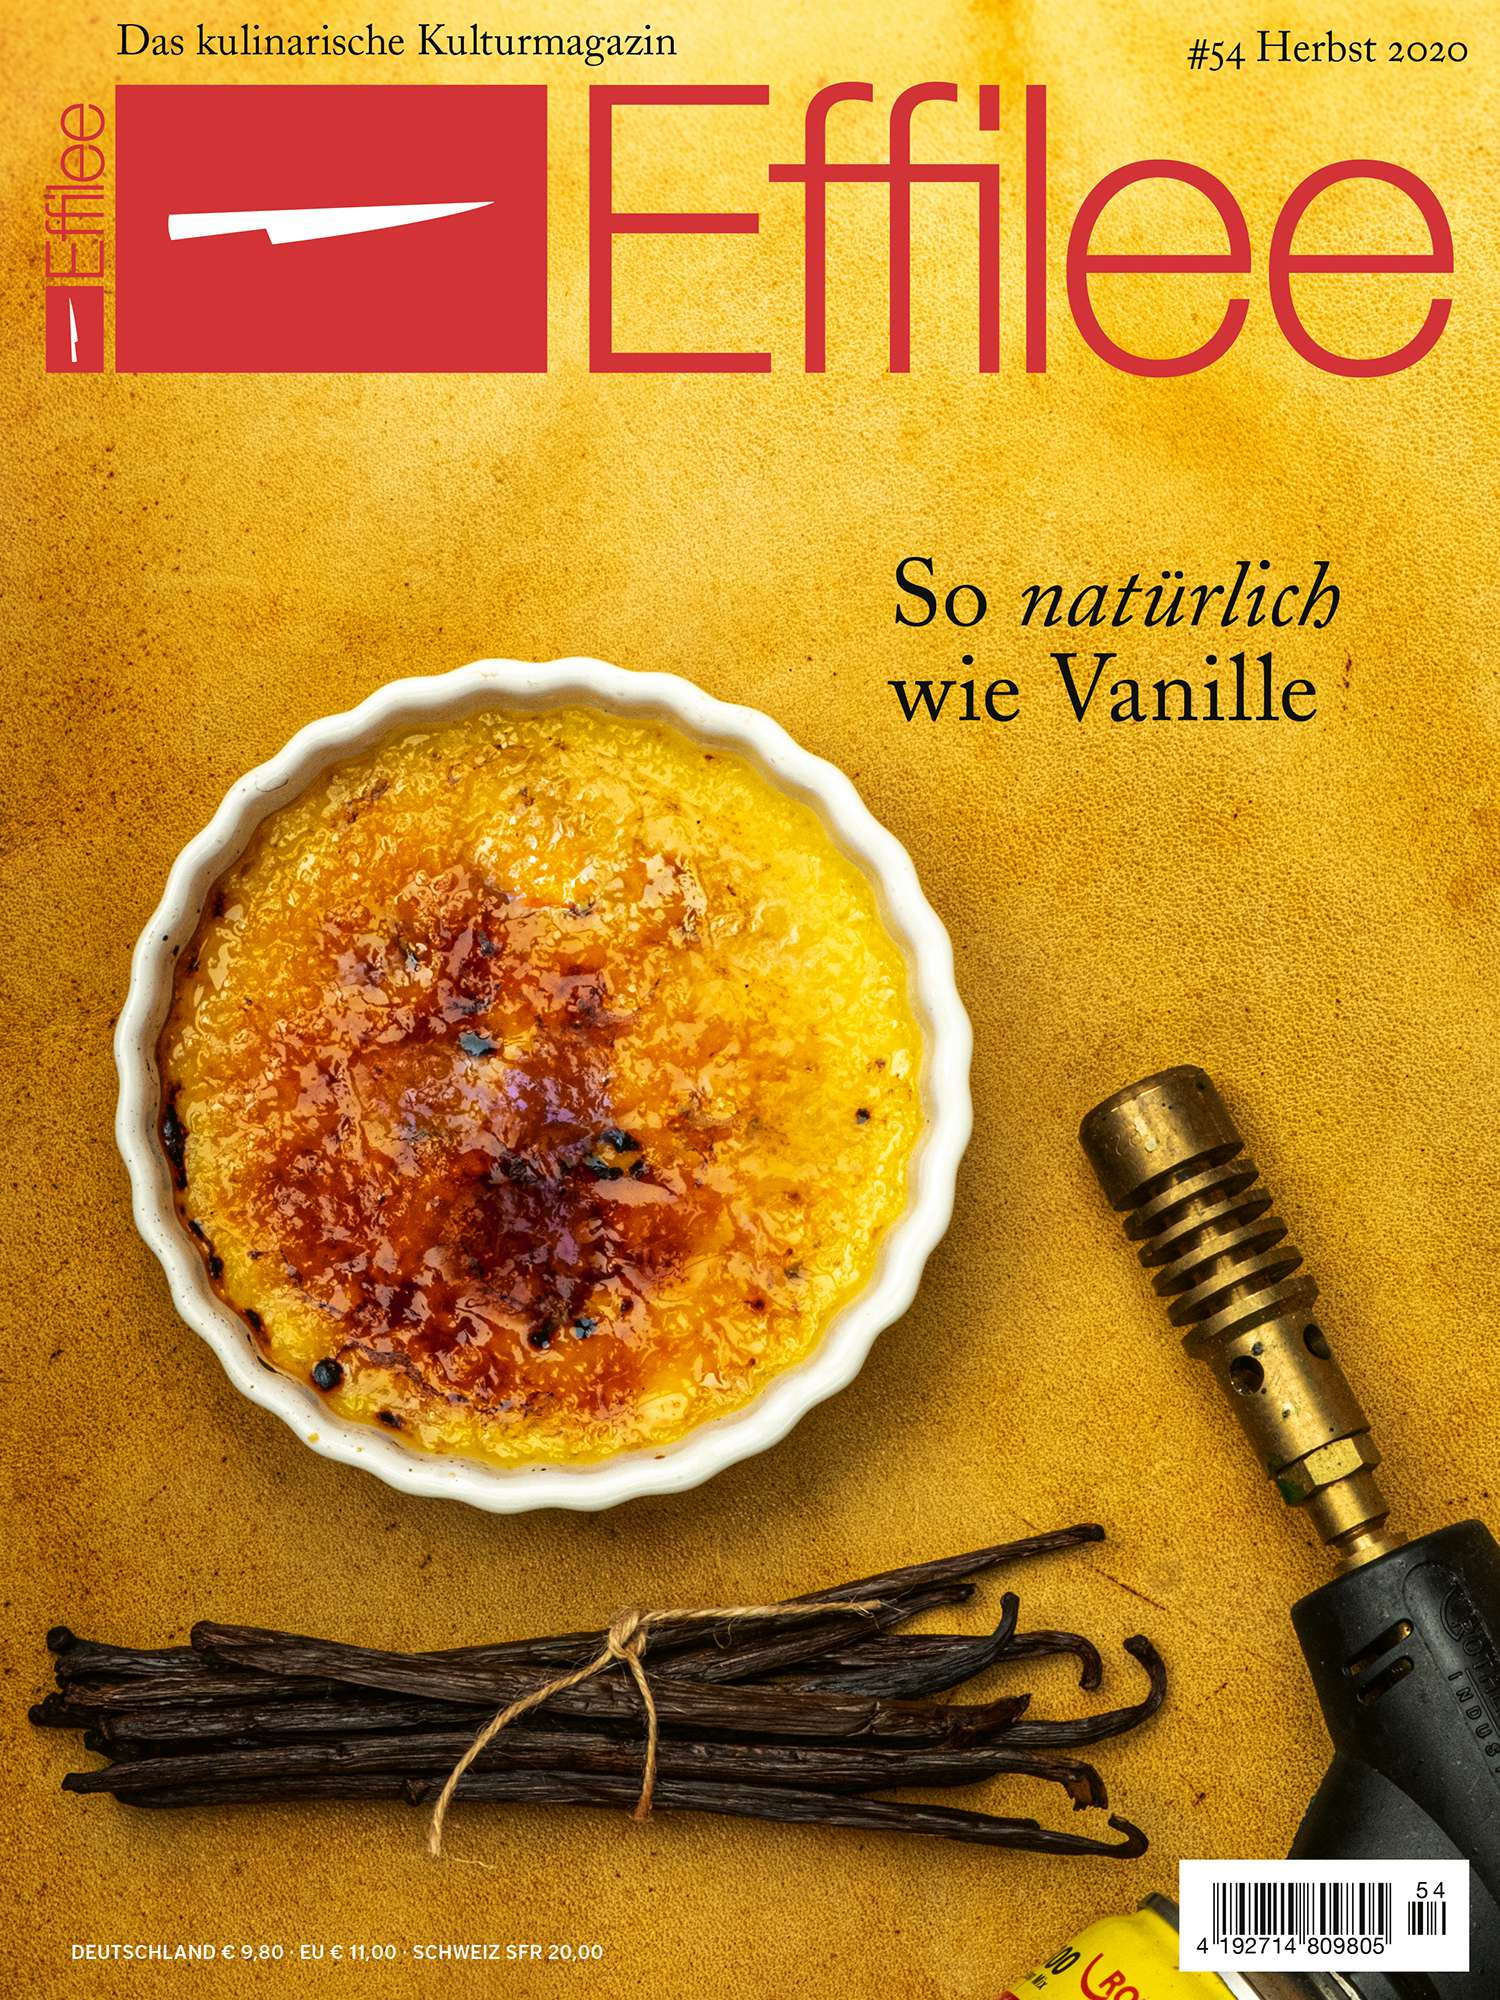 Effillee - Das kulinarische Kulturmagazin #54 - Herbst 2020